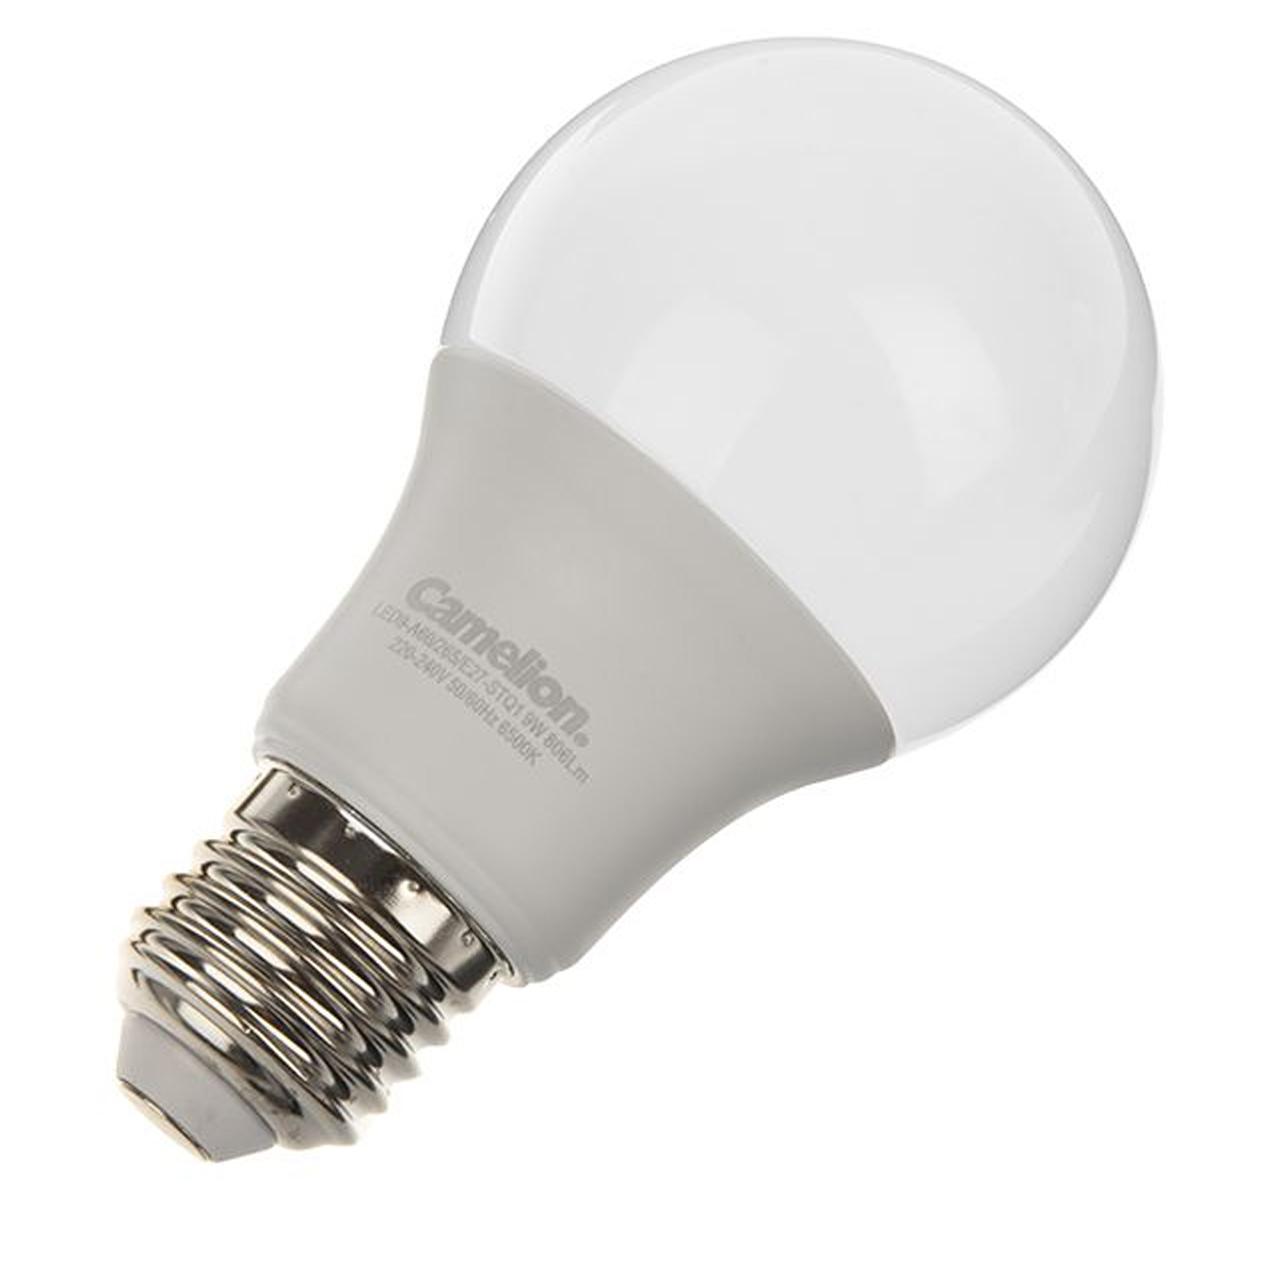 لامپ ال ای دی 9 وات کملیون مدل STQ1 پایه E27 بسته 2 عددی